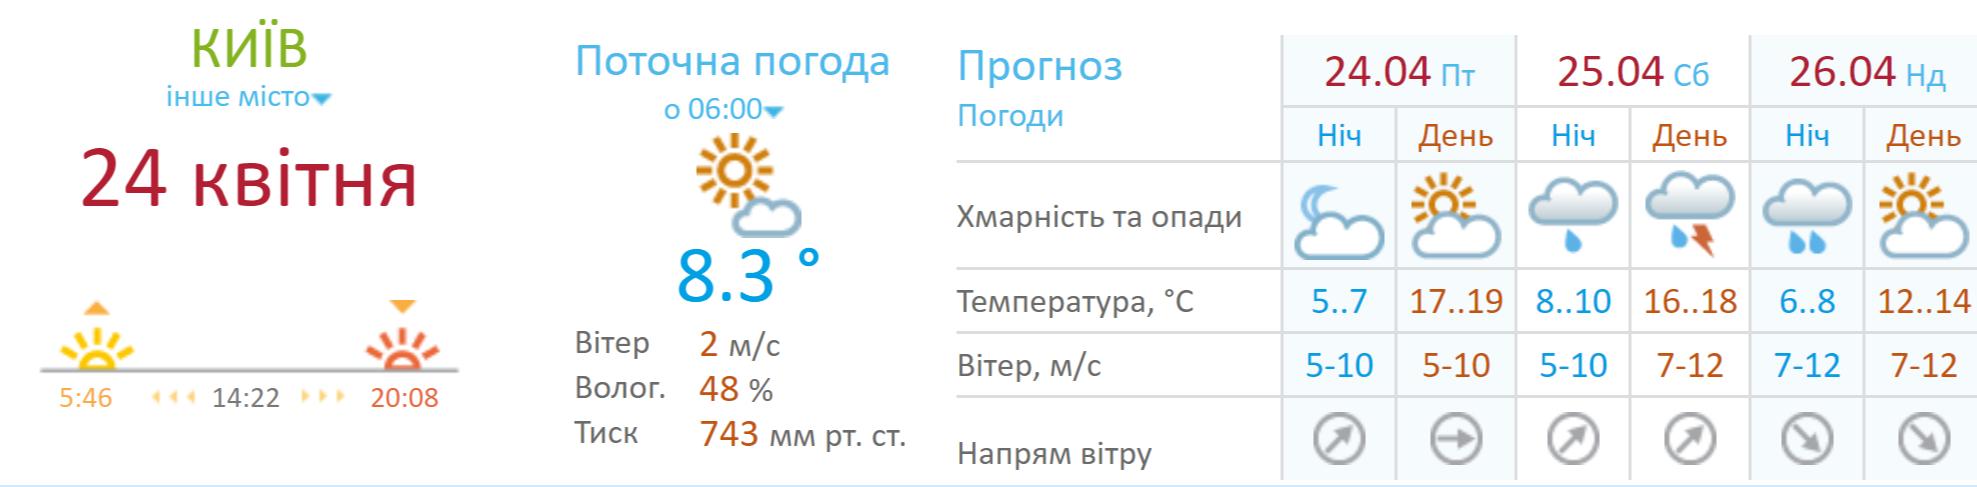 Погода в Киеве на выходных